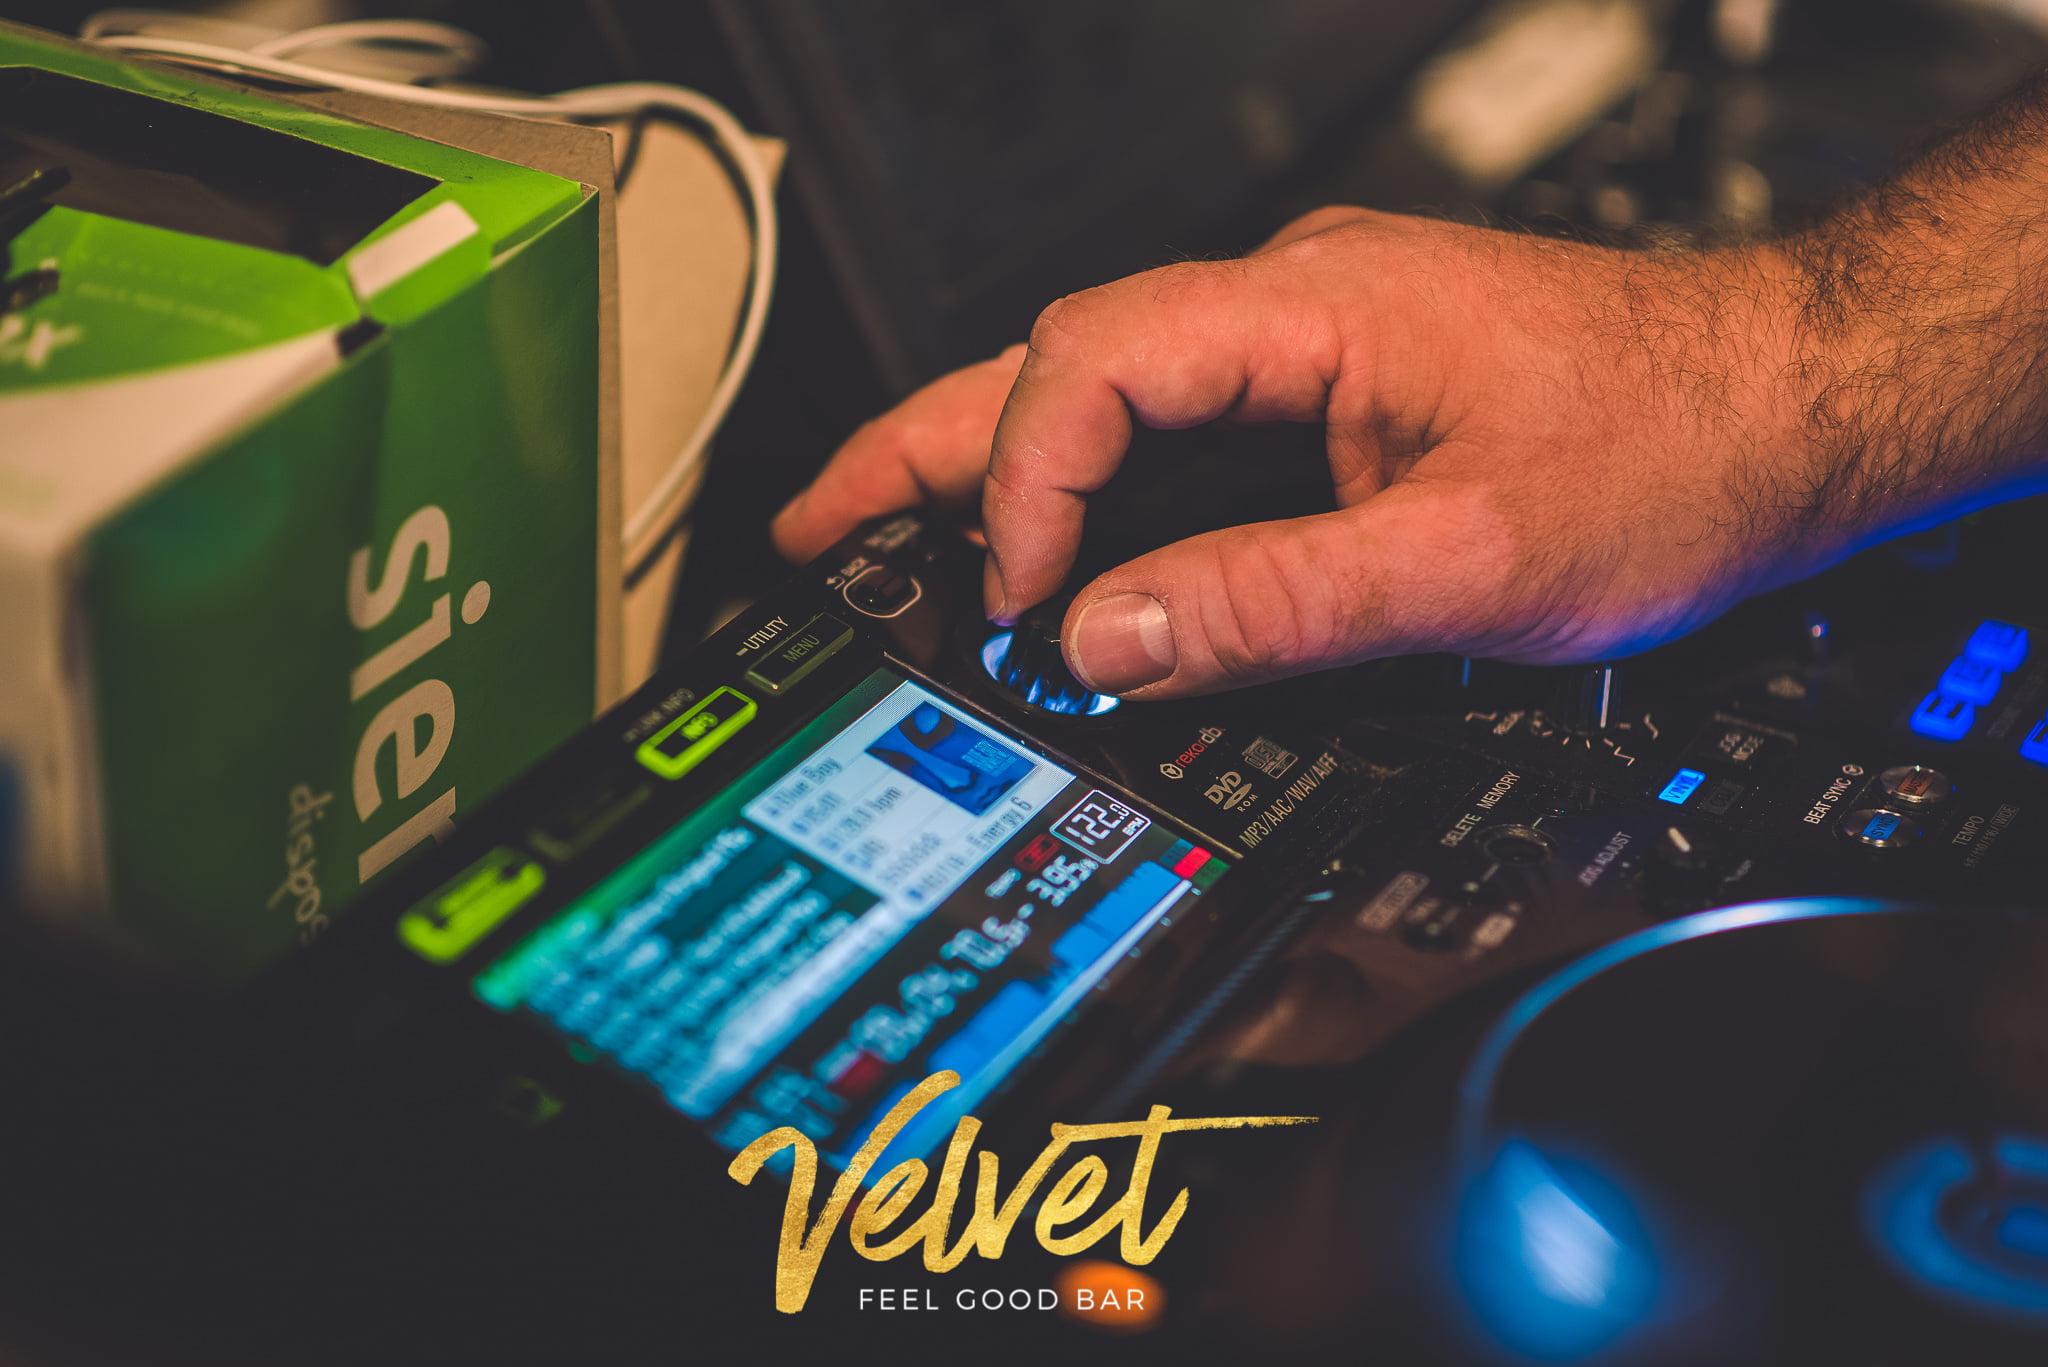 Velvet Feel Good Bar (1)